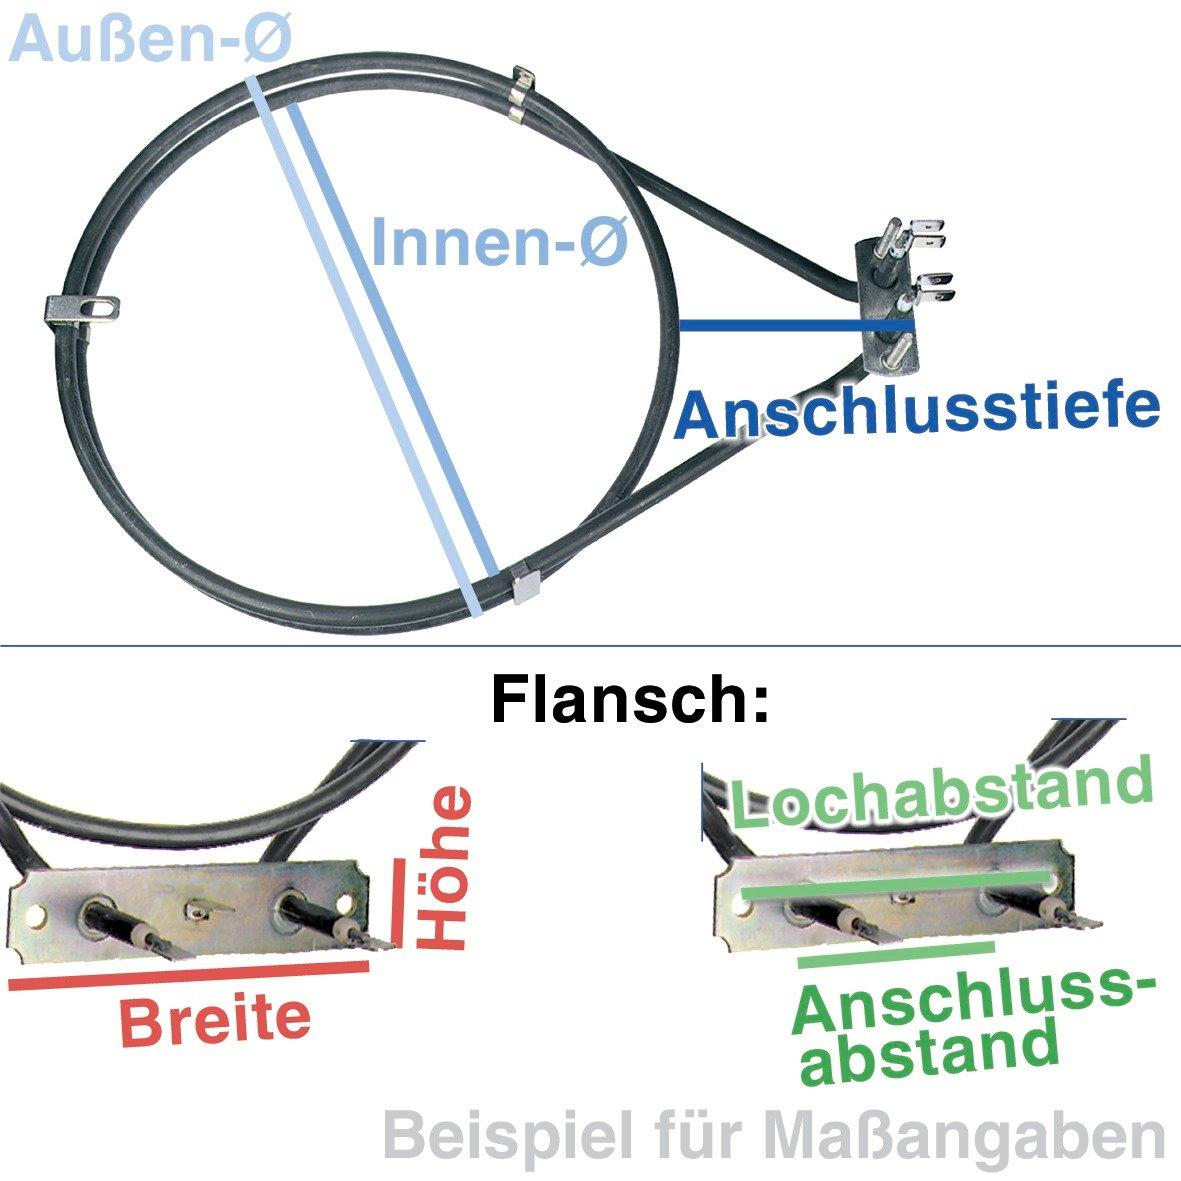 ZANUSSI 397012801//7 Heizelement Heißluftheizung 2000W 230V für Backofen